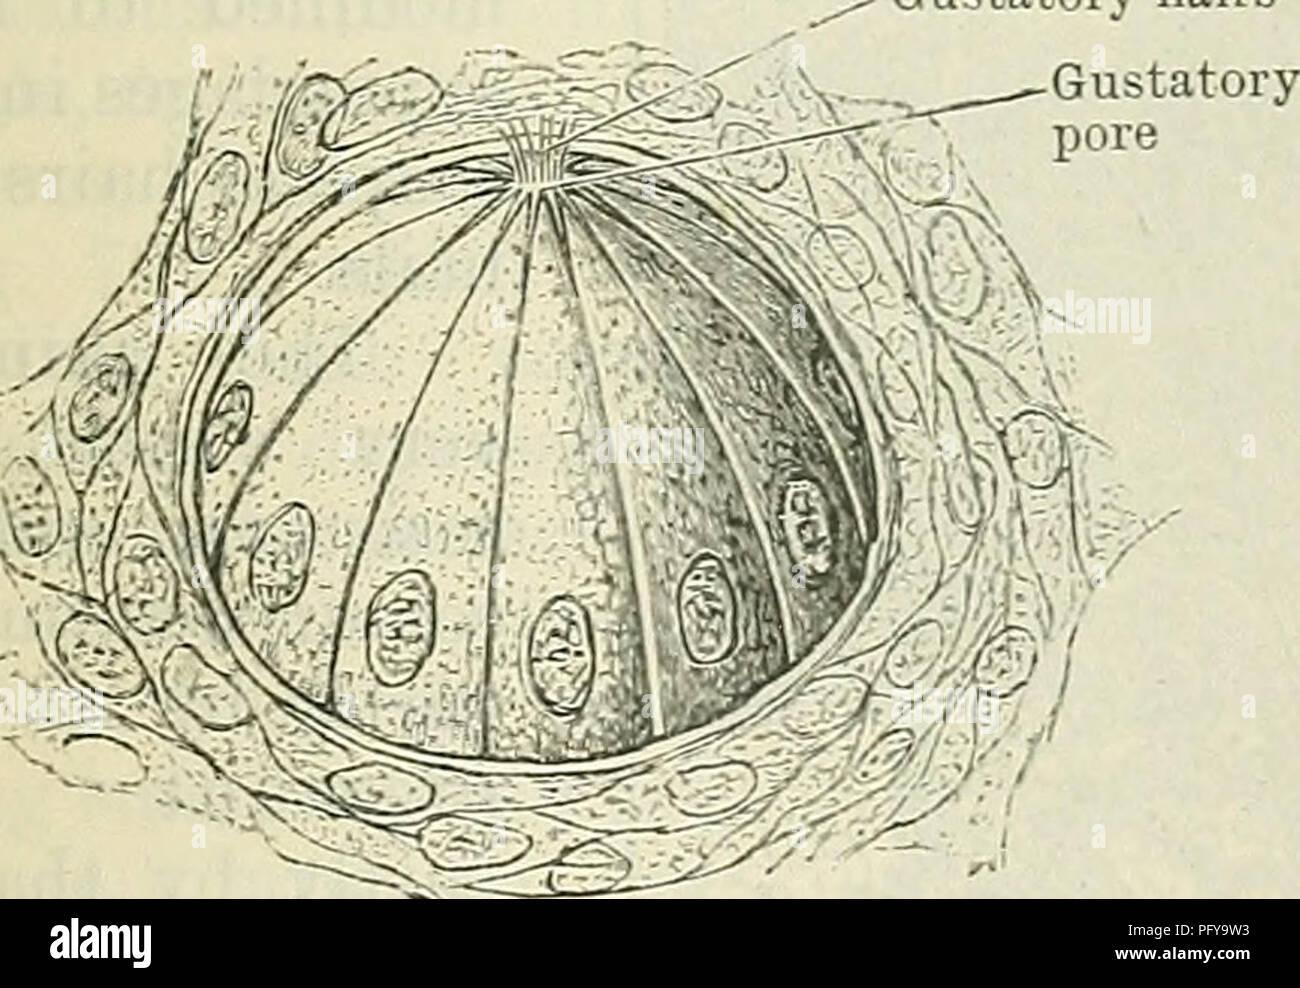 Cunninghams Lehrbuch der Anatomie. Anatomie. --_\